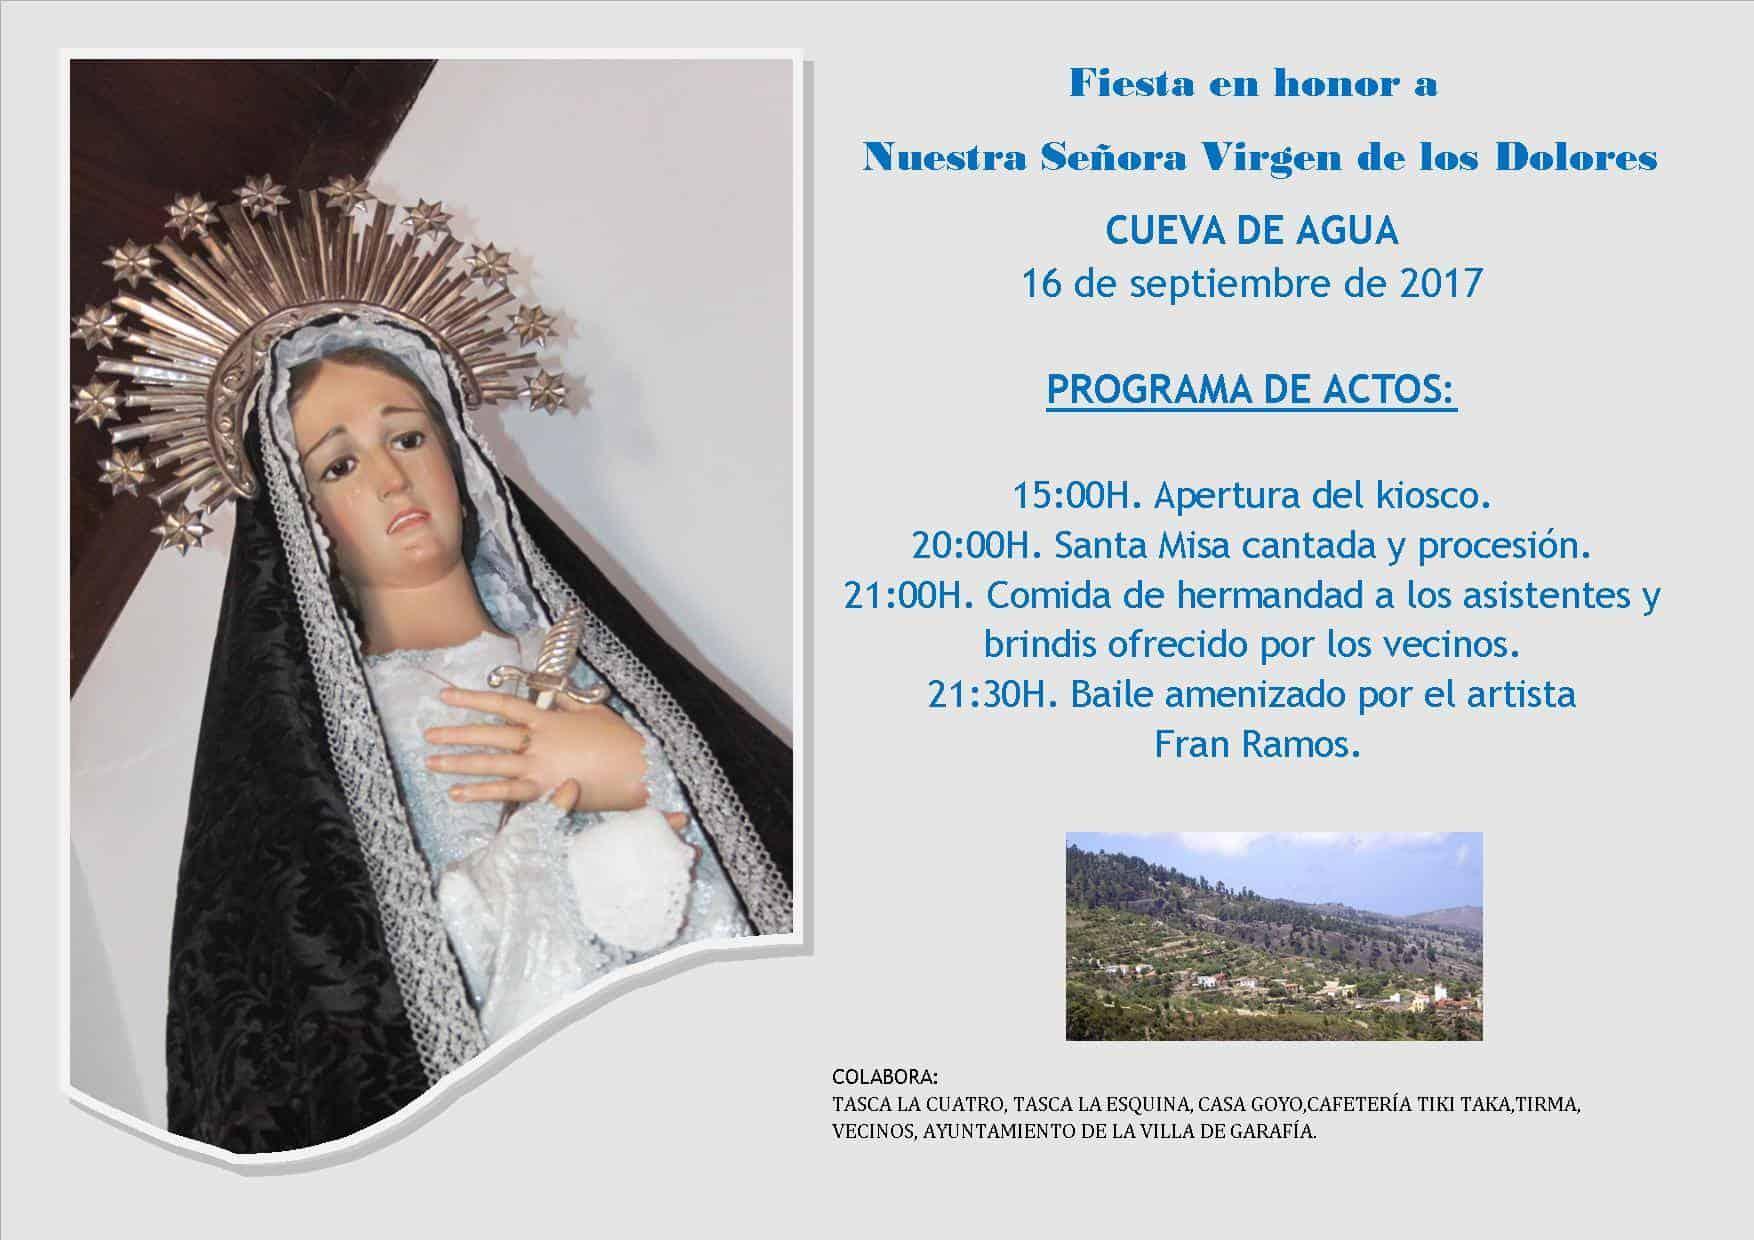 Fiesta Ntra. Sra. Virgen de los Dolores